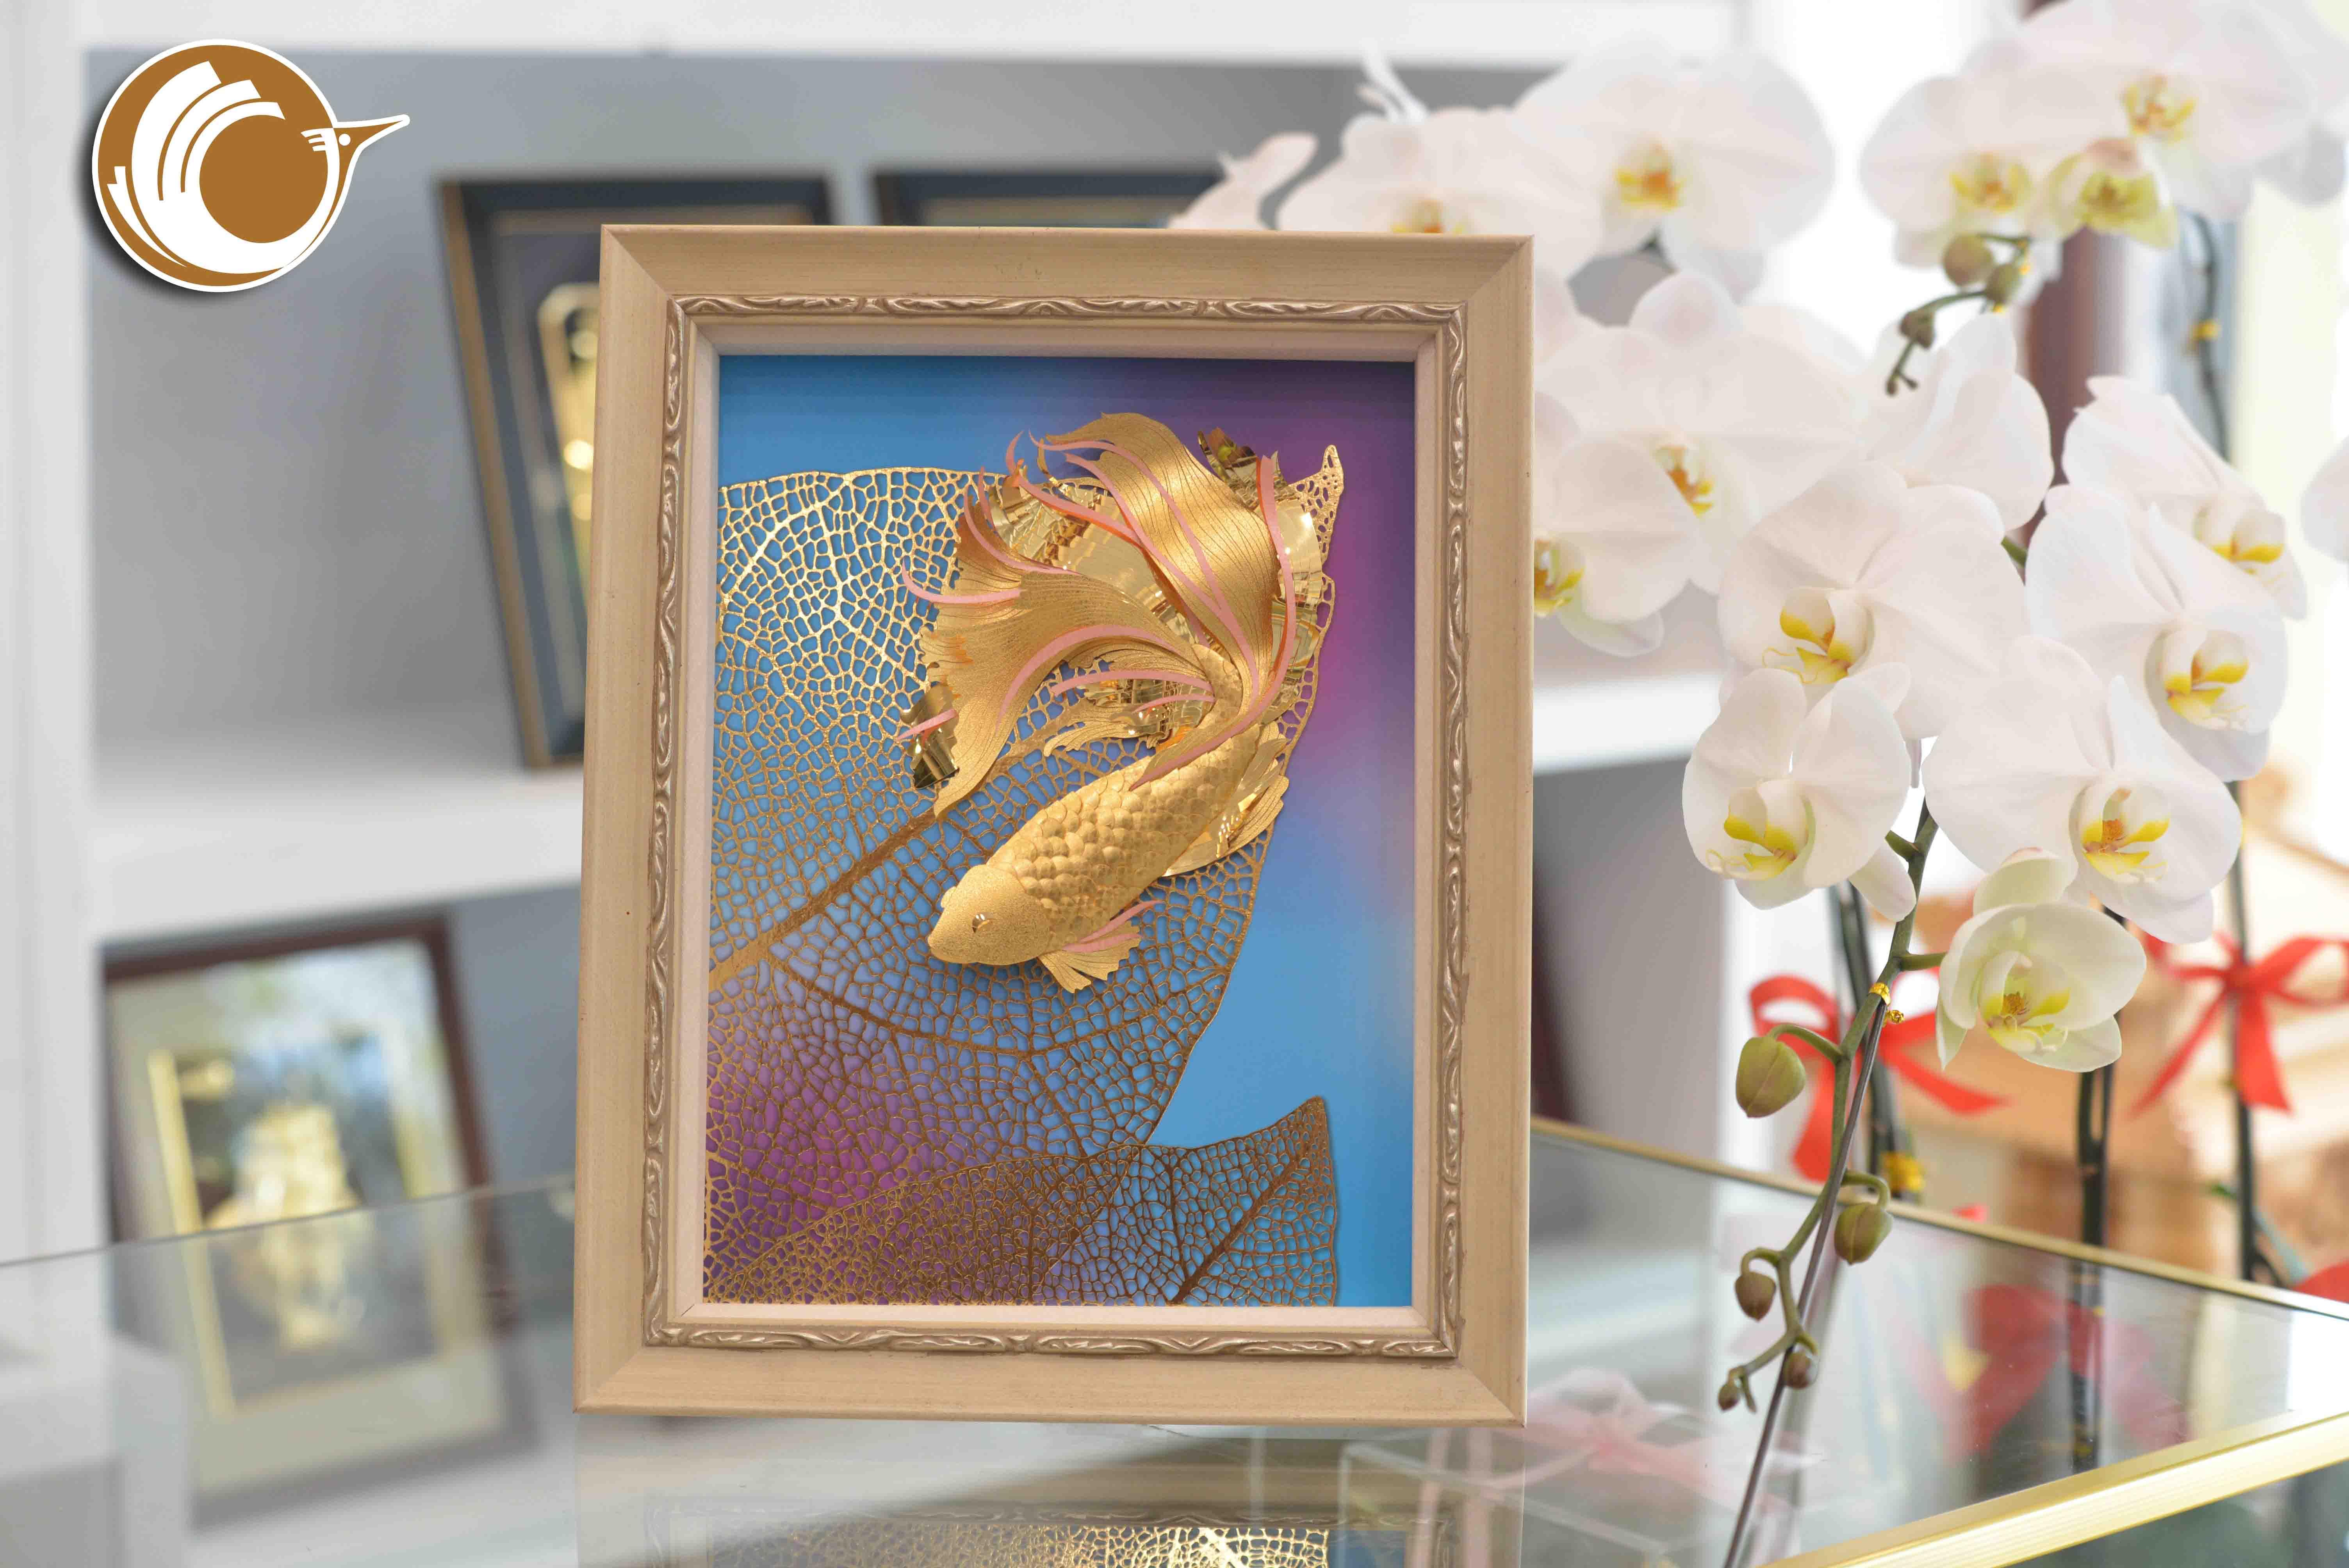 Tranh vàng 24k tranh cá vàng, quà tặng phong thủy ý nghĩa0